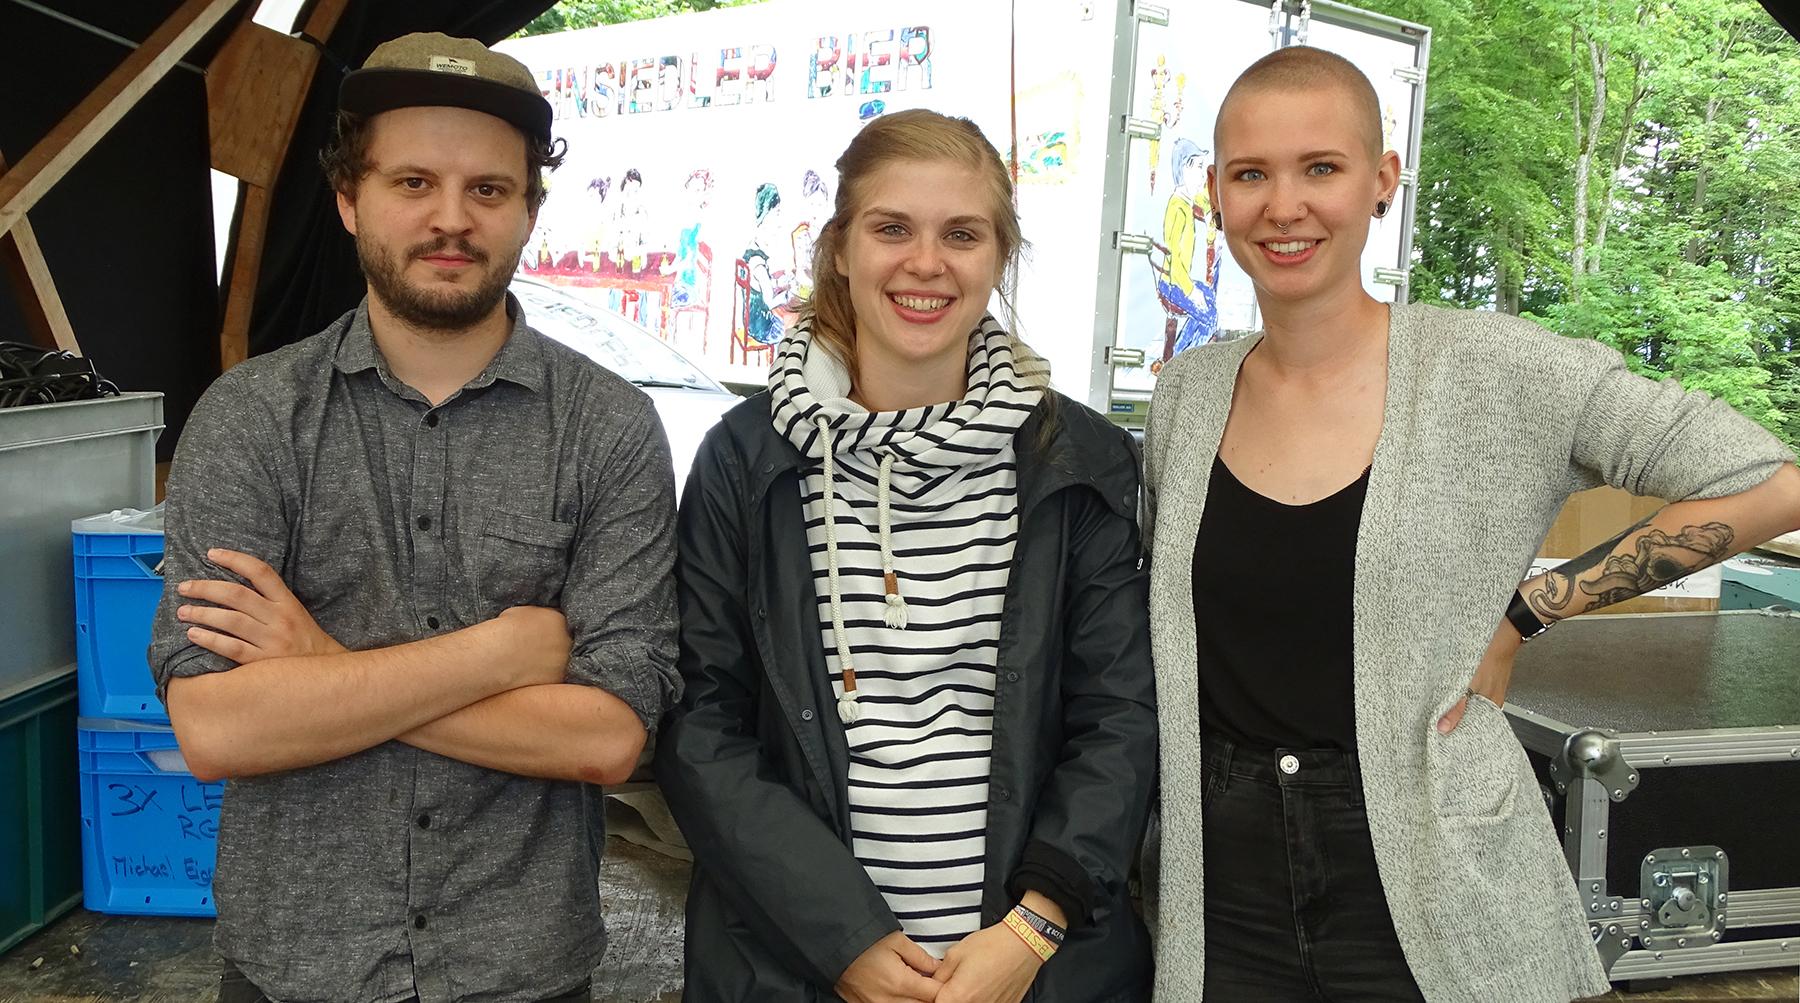 Benedikt Geisseler, Jennifer Jans und Vera Frasson, die für das Foto aus dem Festivalbüro krochen.